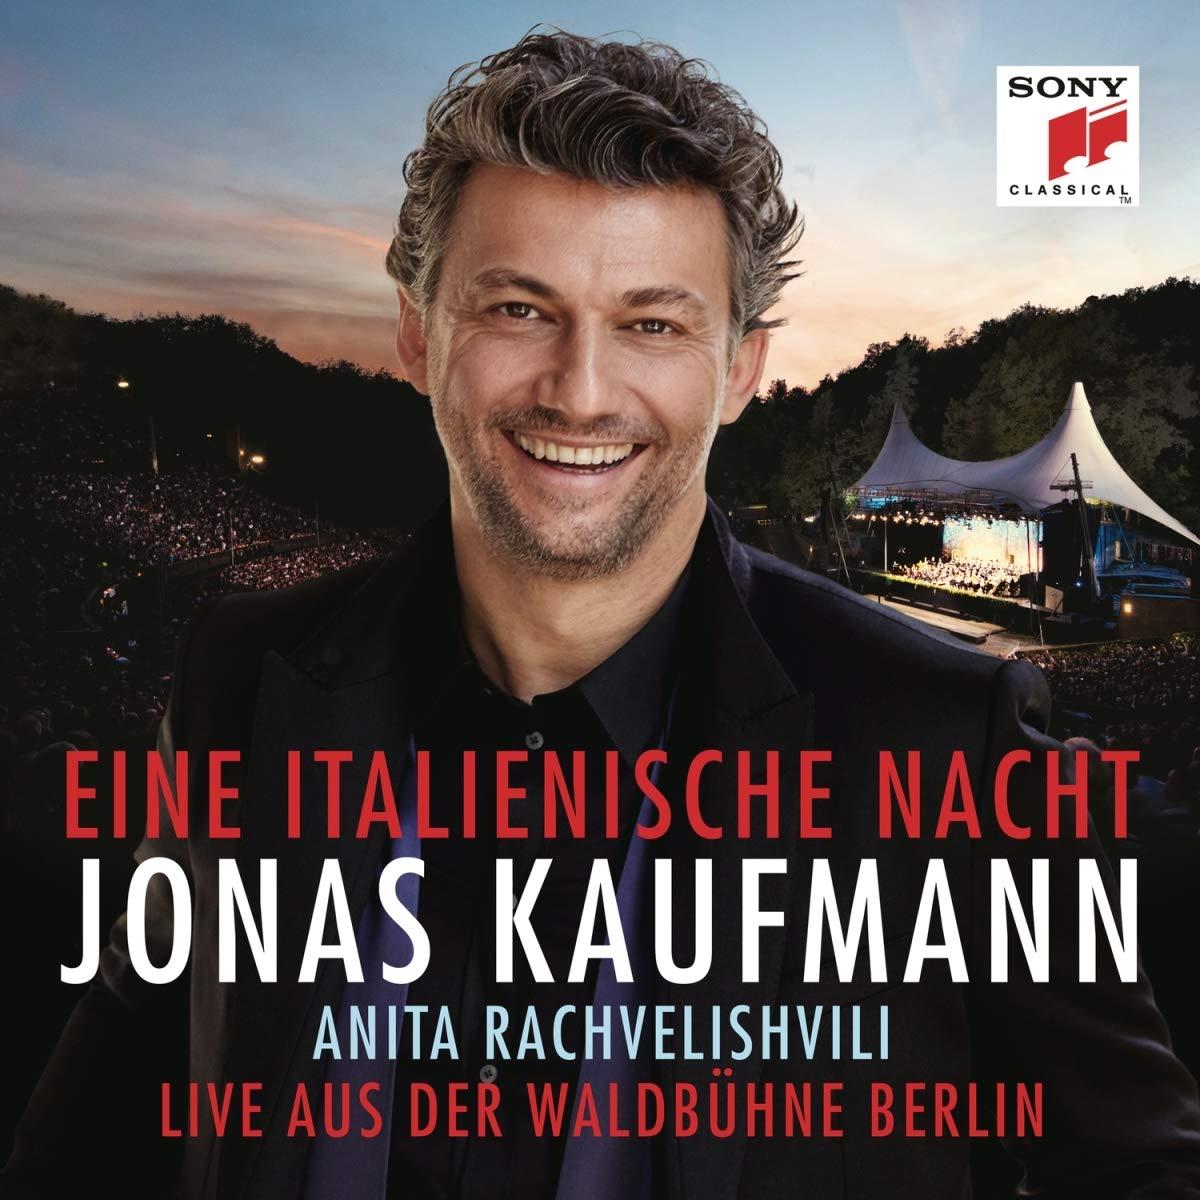 Eine italienische Nacht - Jonas Kaufmann aus der Waldbühne Berlin im Kino